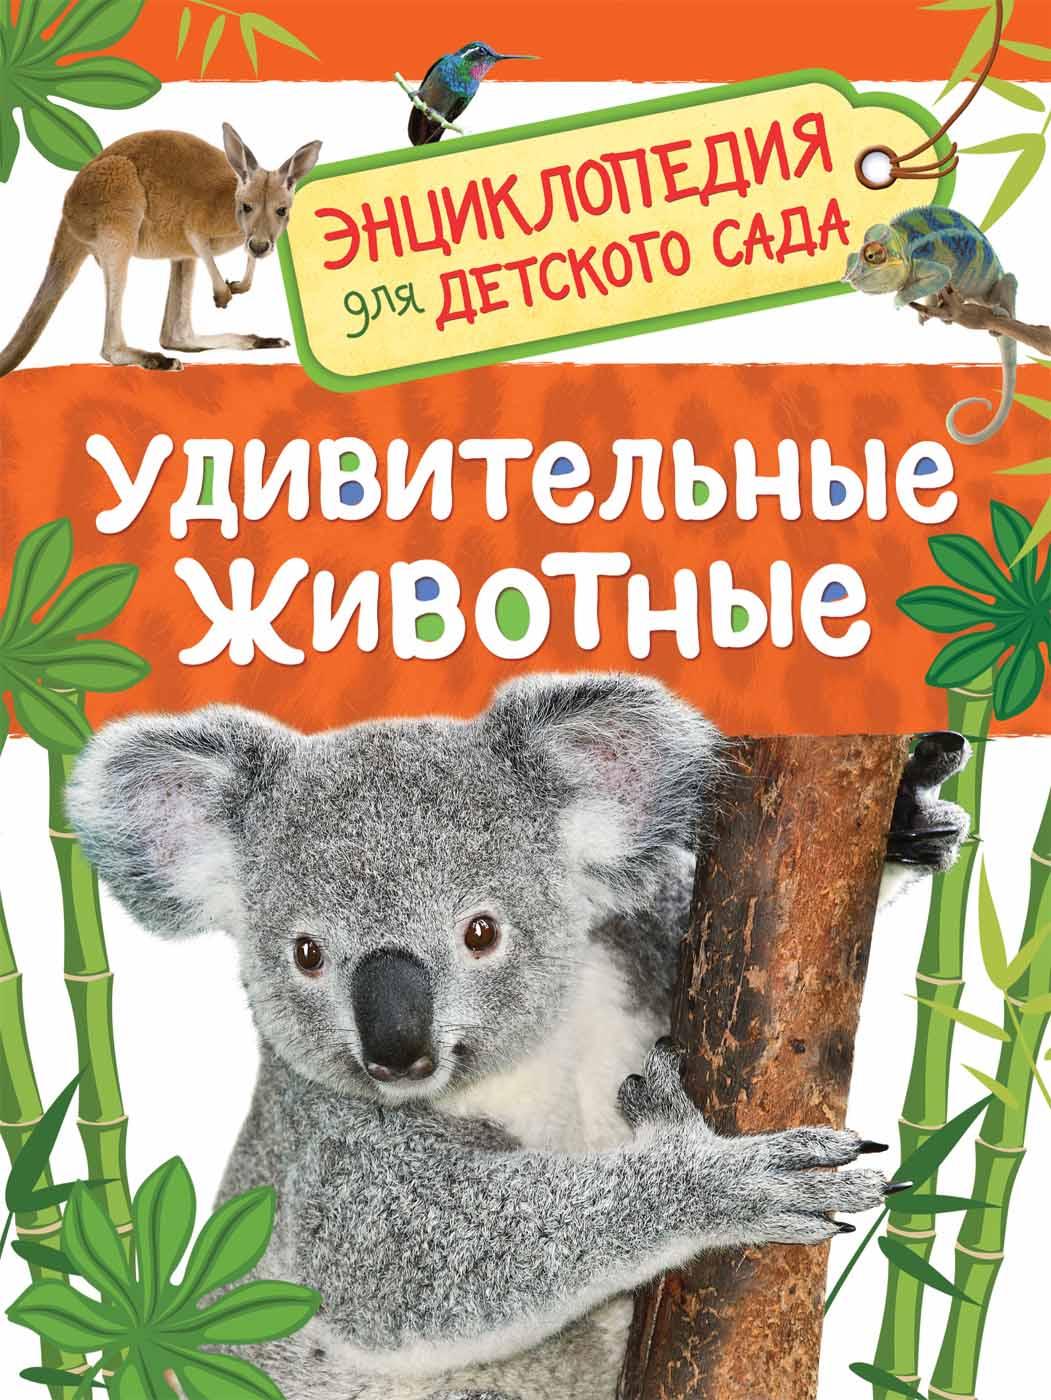 Энциклопедия для детского сада - Удивительные животныеДля малышей в картинках<br>Энциклопедия для детского сада - Удивительные животные<br>